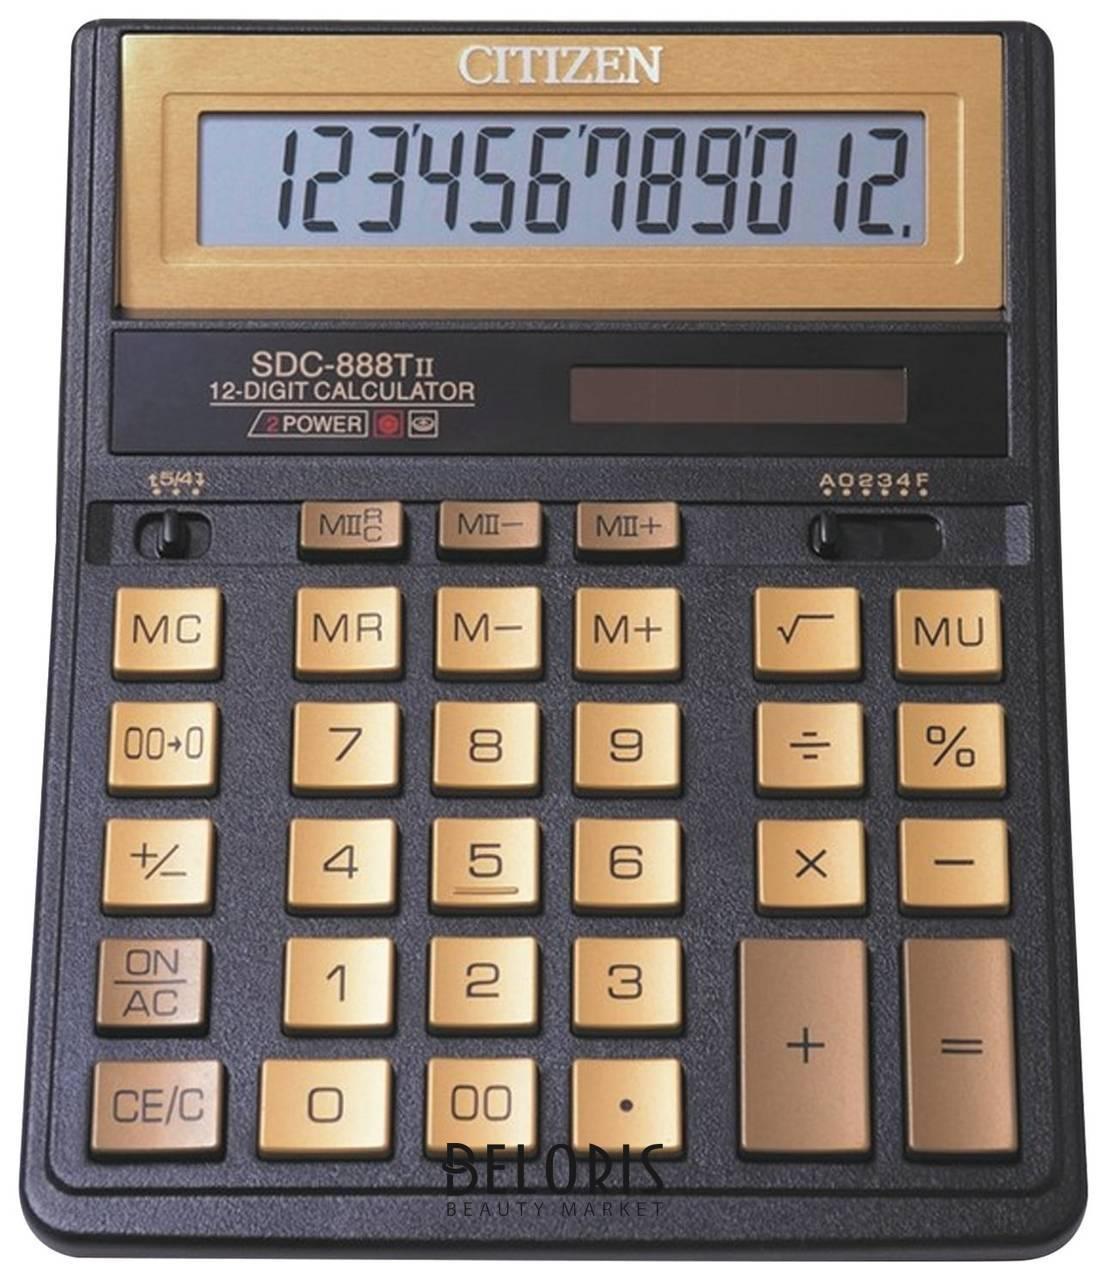 Калькулятор настольный Citizen Sdc-888tiige (203х158 мм), 12 разрядов, двойное питание, золотой Citizen